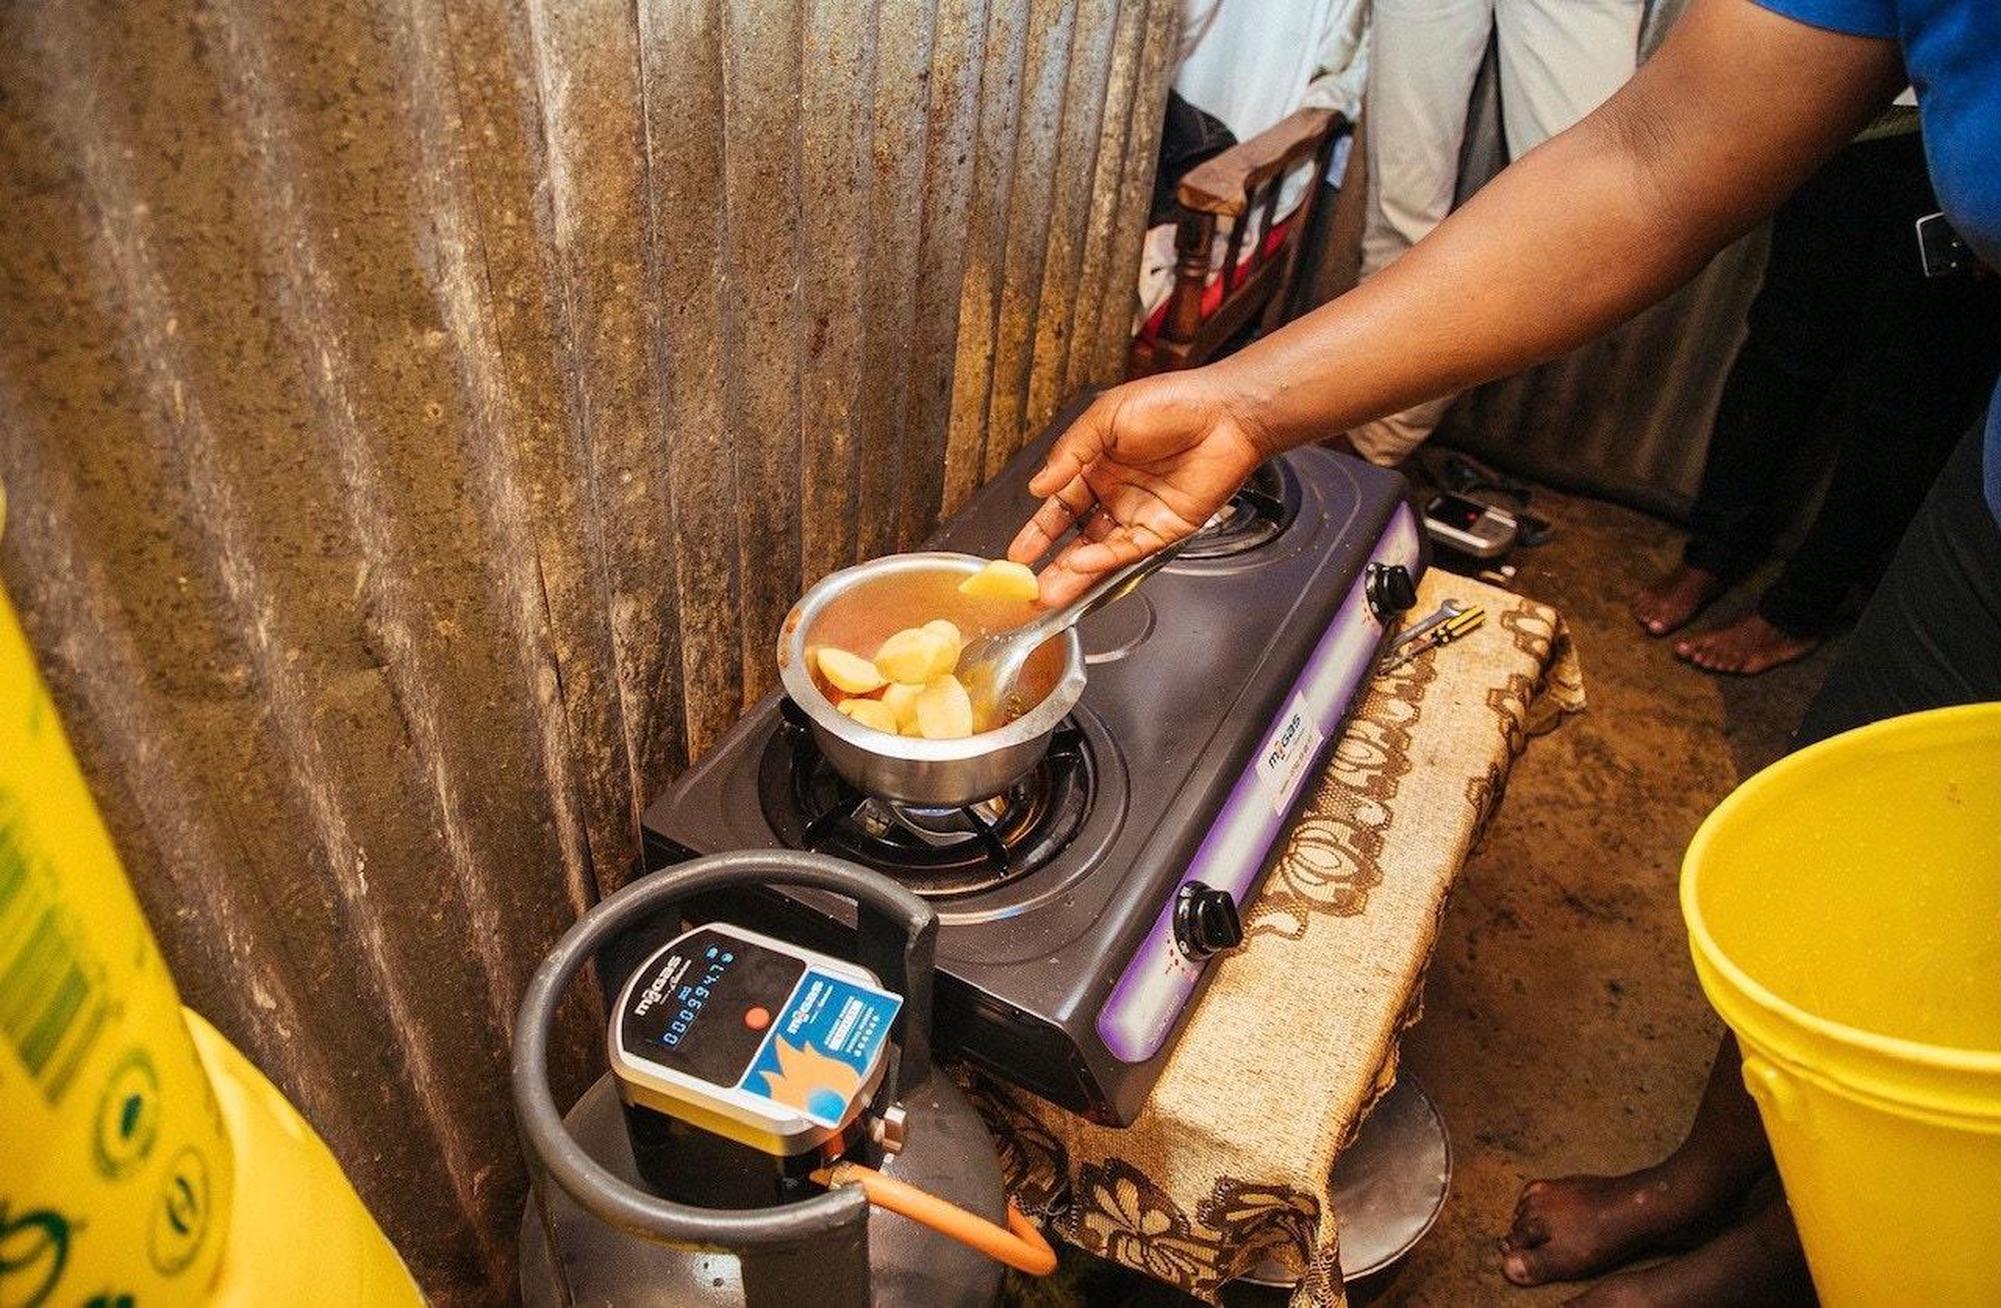 Die Clean Cooking Alliance fördert mit Hilfe von Mikrokrediten den Kauf sauberer Kochherde. Clean Cooking Alliance